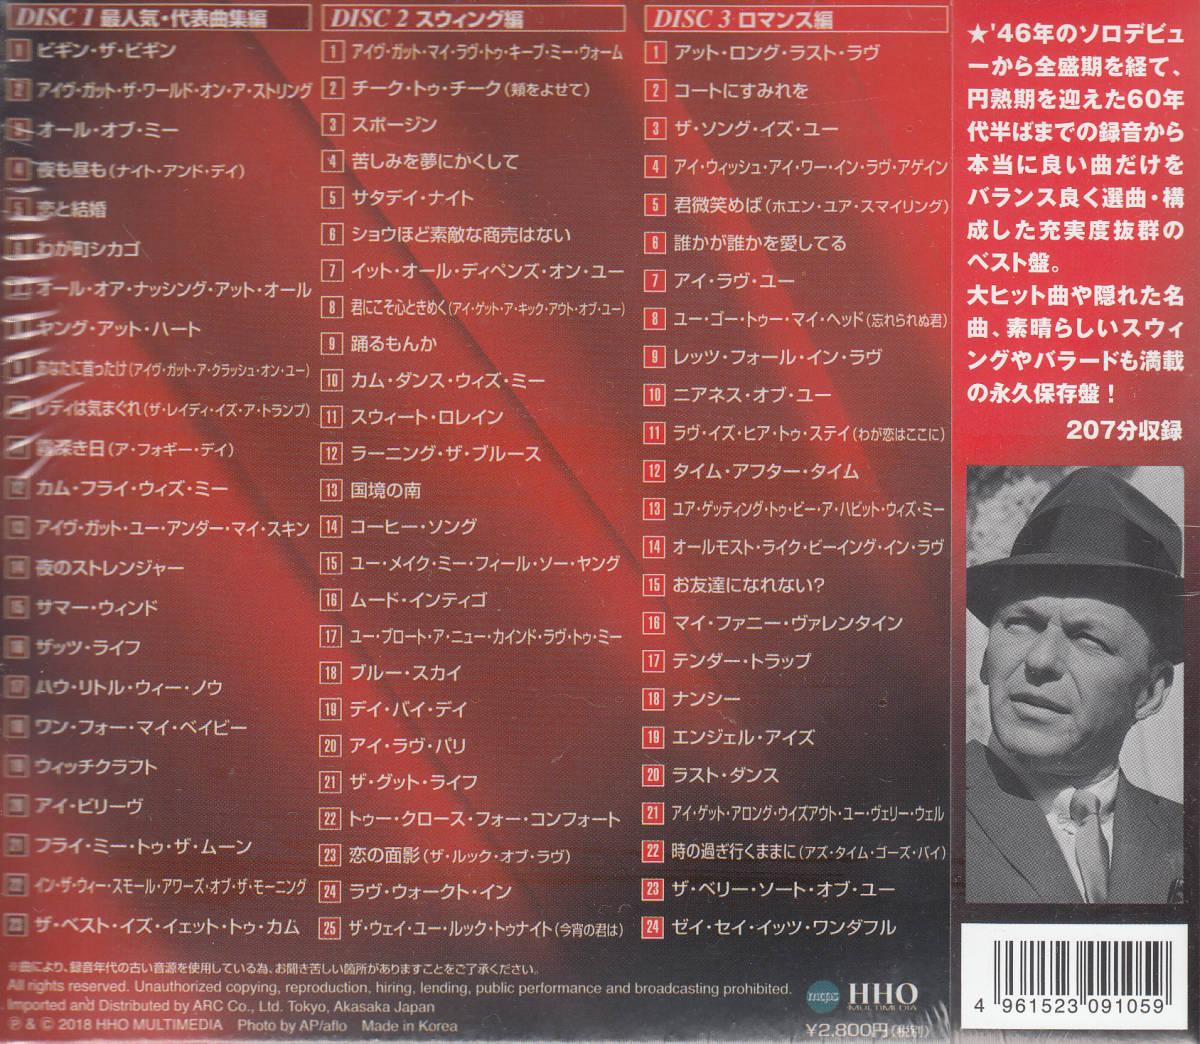 【新品・即決CD】フランク・シナトラ/スーパーベスト・3枚組72曲~ビギン・ザ・ビギン、オール・オブ・ミー、ナイト・アンド・デイ 他_画像2